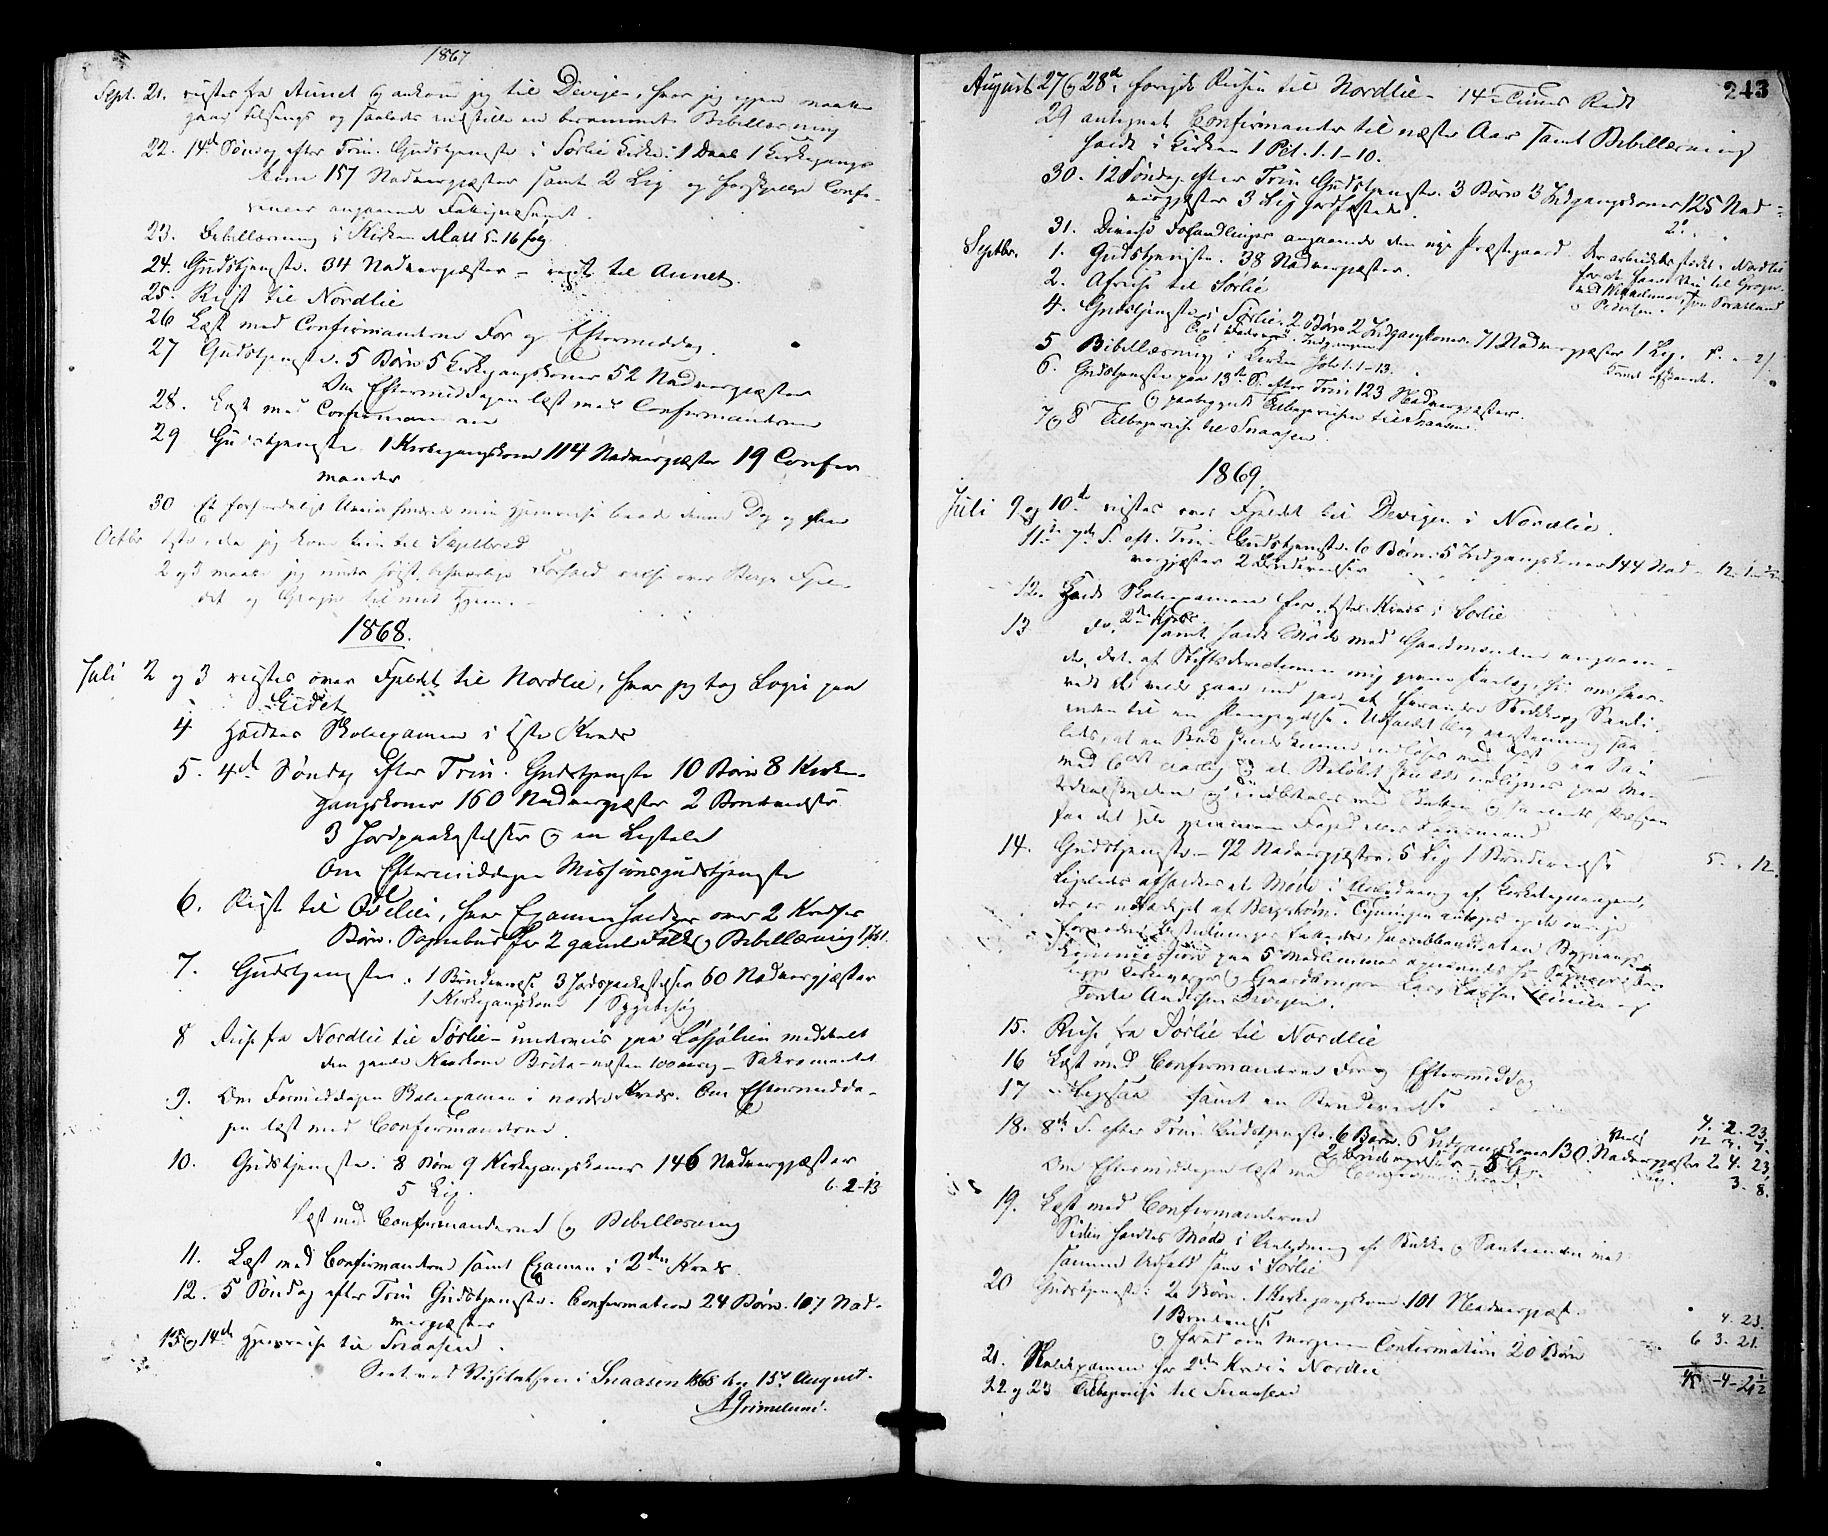 SAT, Ministerialprotokoller, klokkerbøker og fødselsregistre - Nord-Trøndelag, 755/L0493: Ministerialbok nr. 755A02, 1865-1881, s. 243